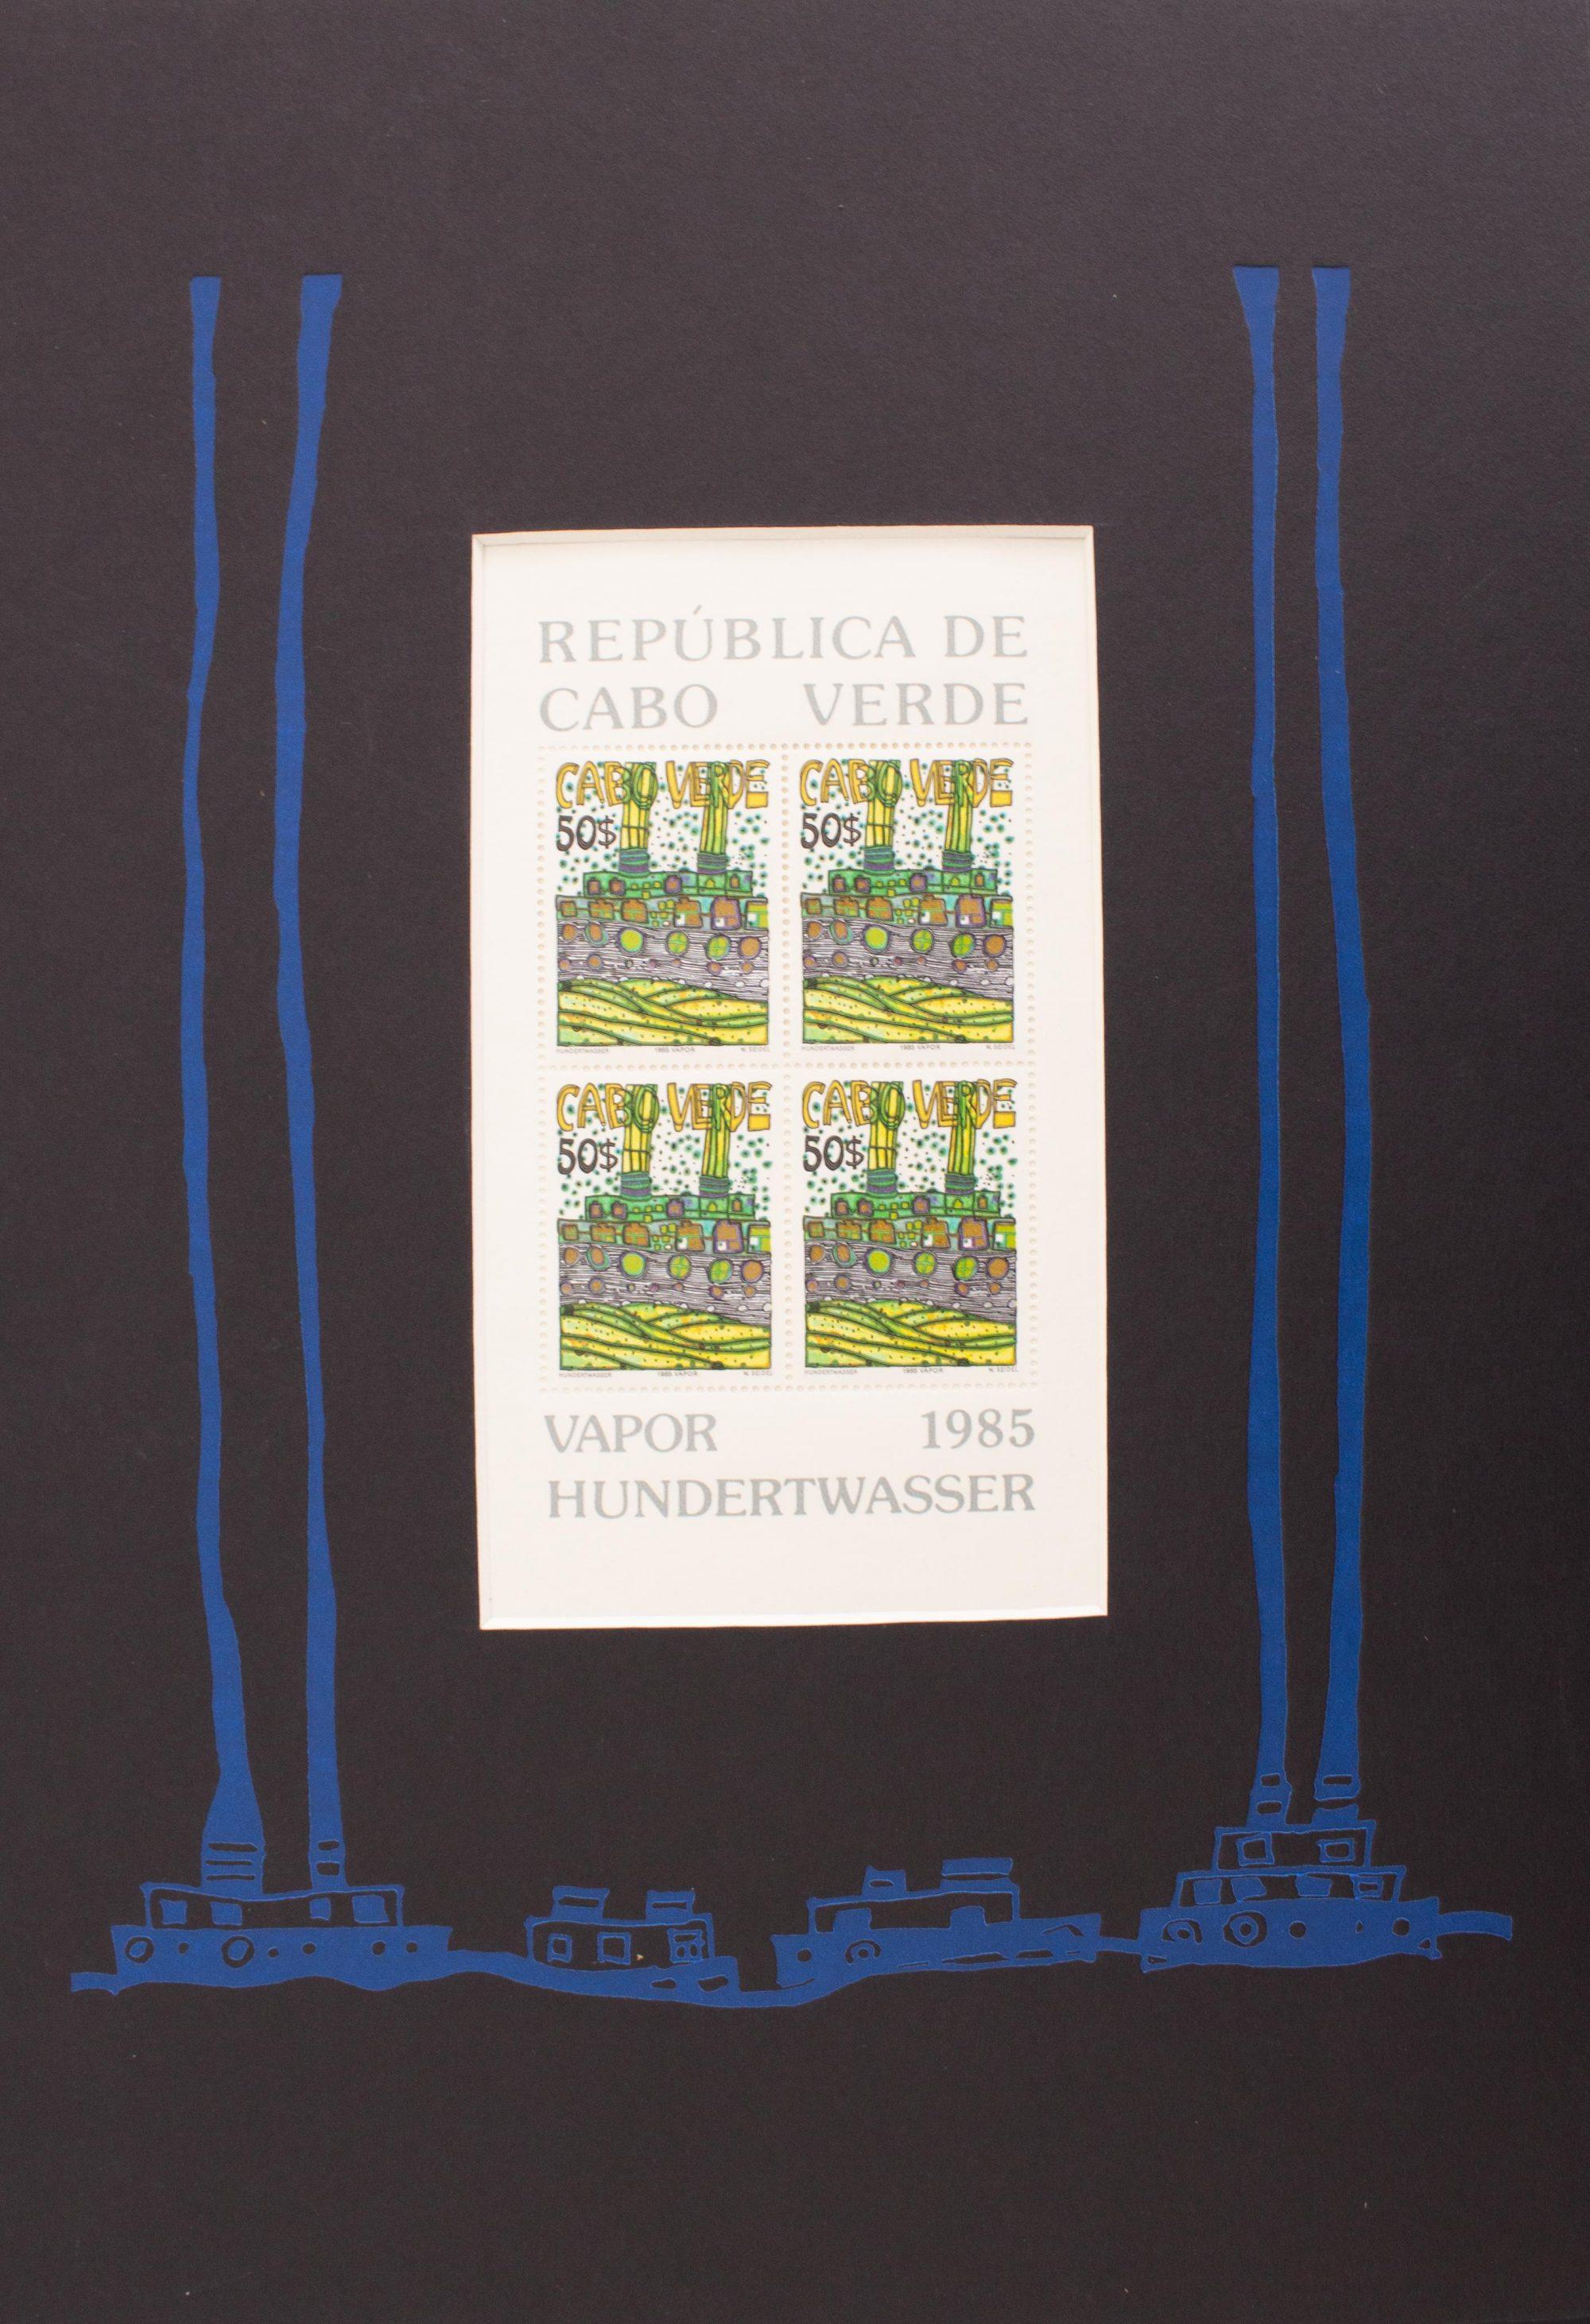 Vapor Briefmarke, PP blau - Hundertwasser, Friedensreich - k-07682